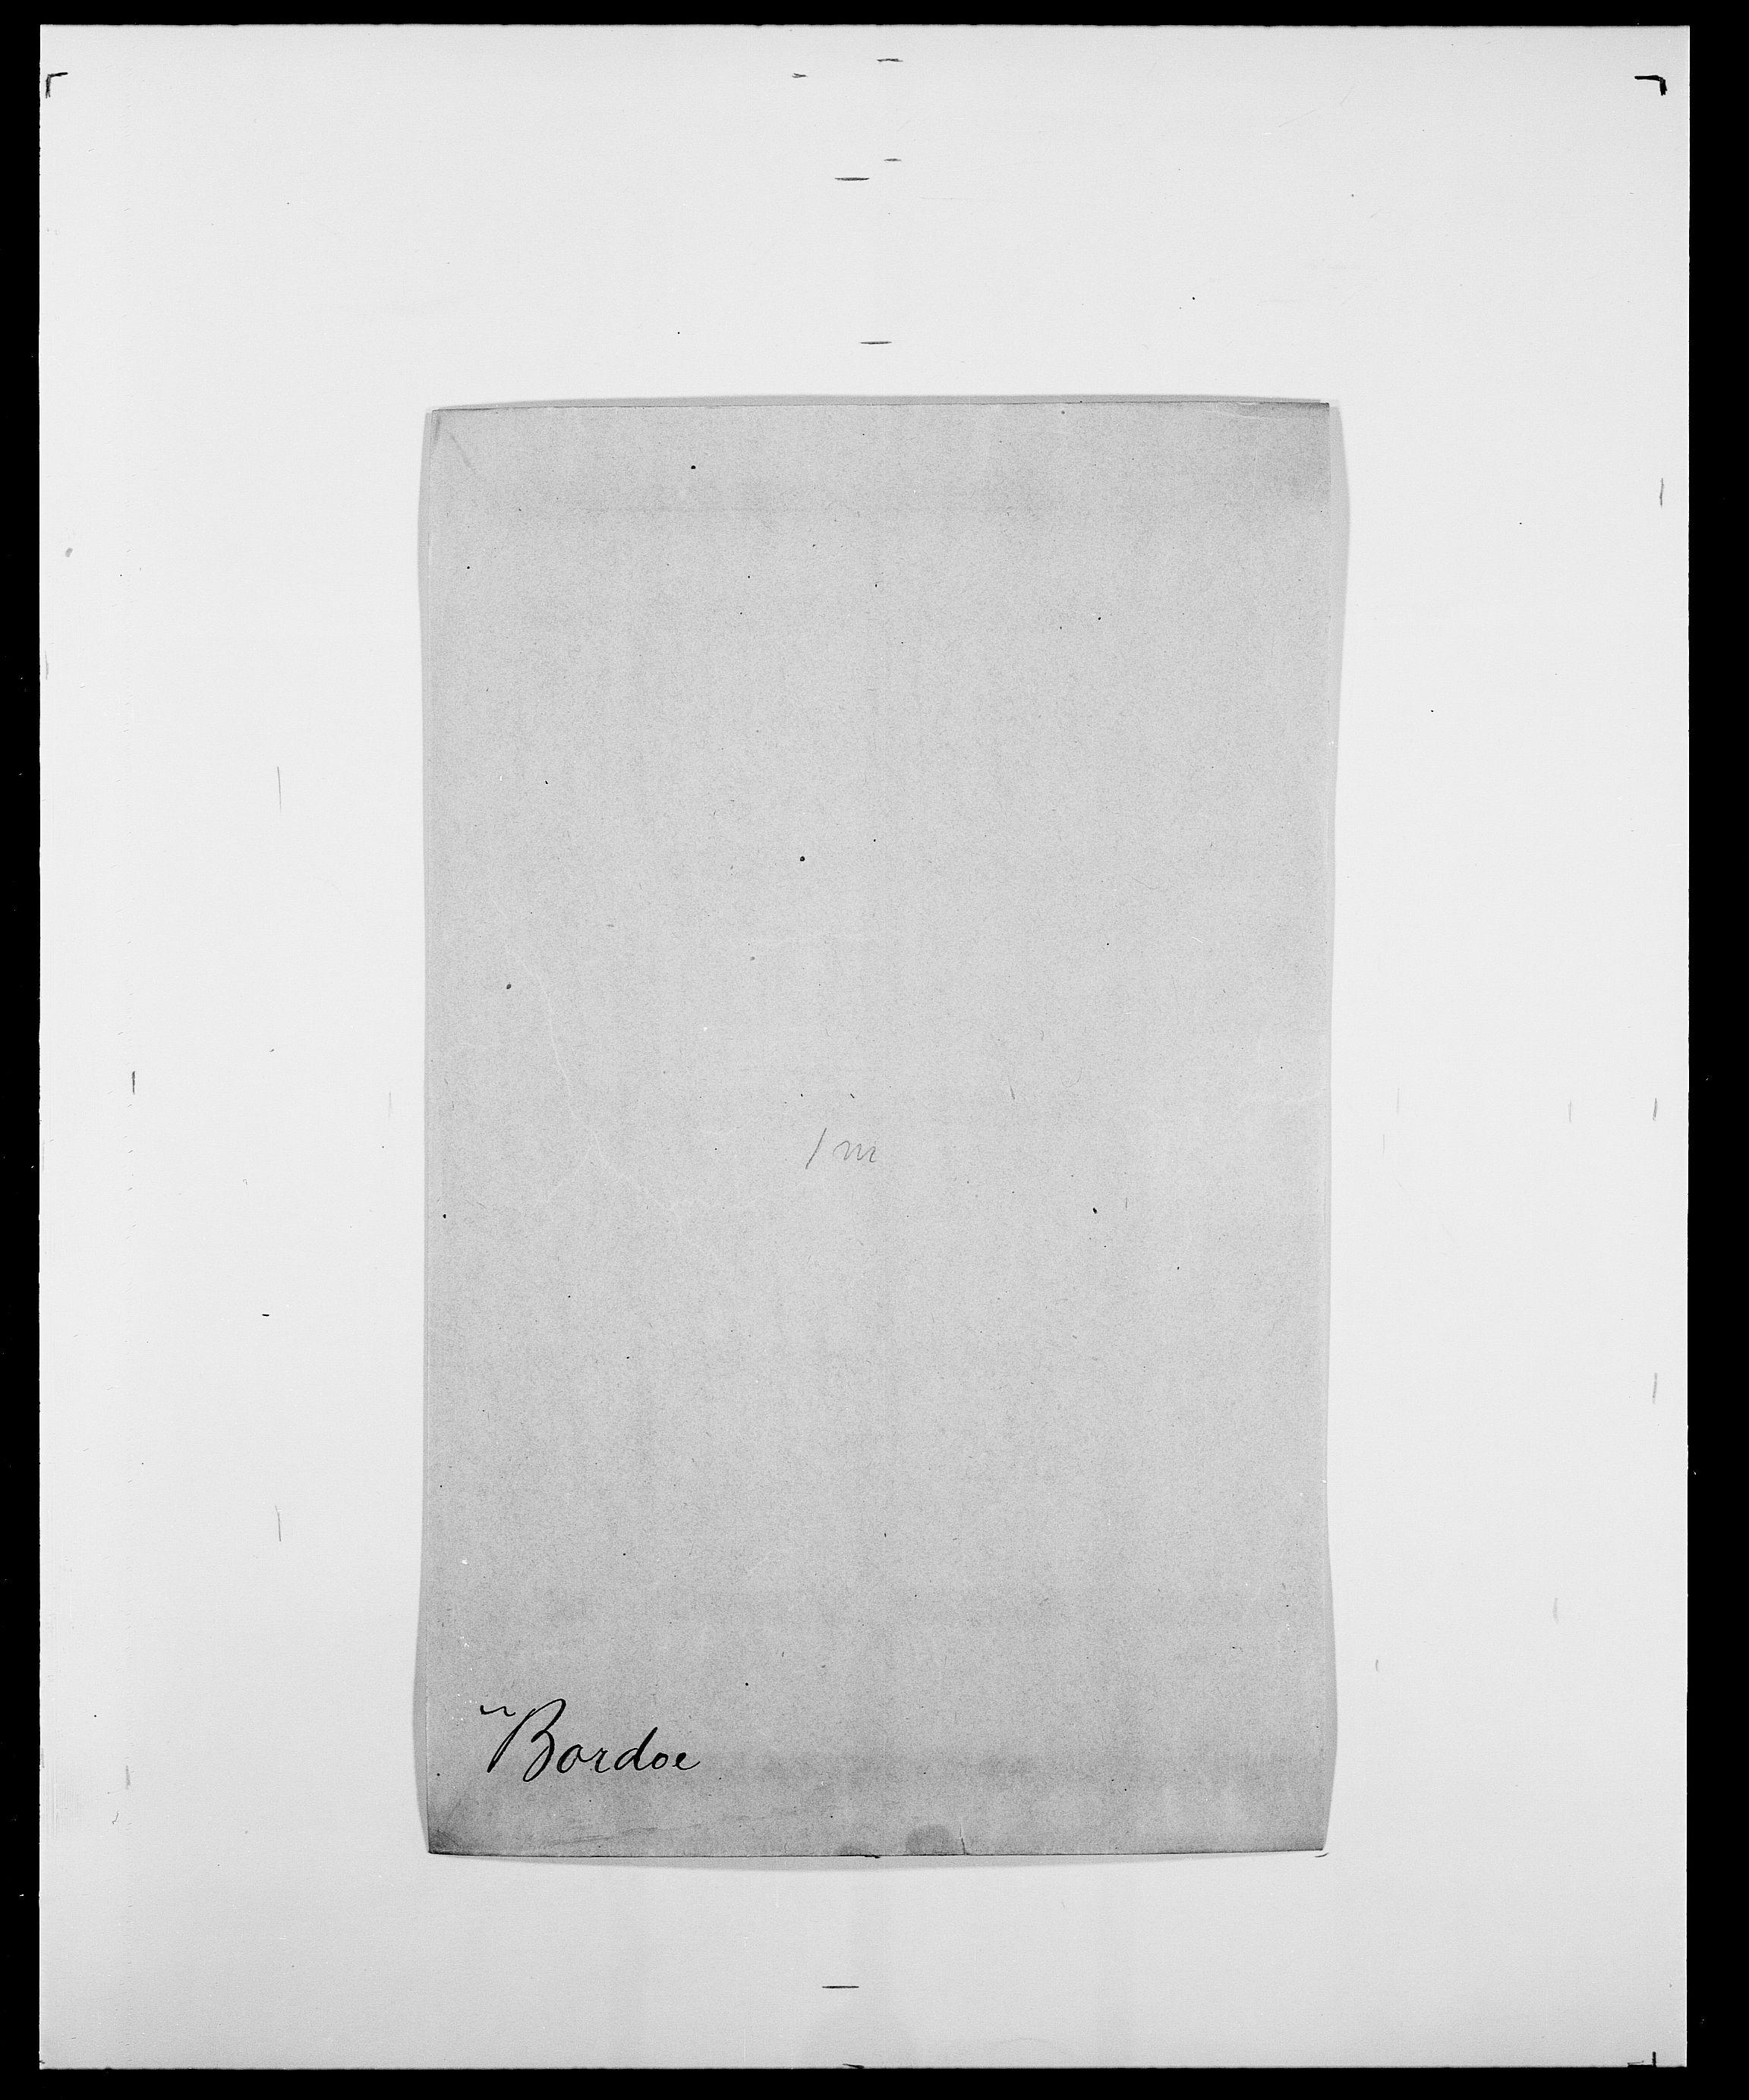 SAO, Delgobe, Charles Antoine - samling, D/Da/L0005: Boalth - Brahm, s. 268